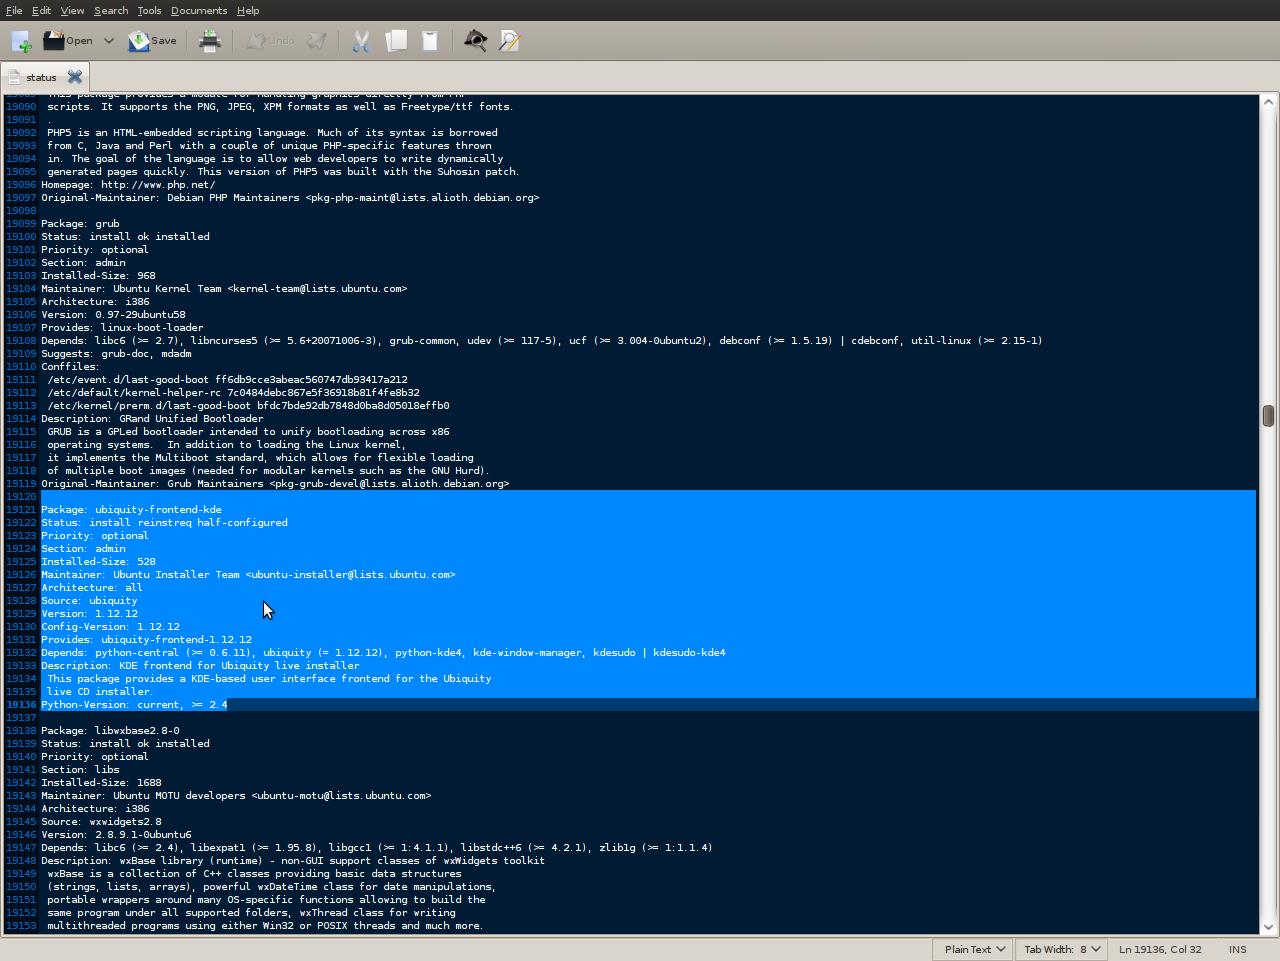 Мы рассмотрели лишь стандартный вариант установки пакетов из командной строки, также существует вариант сбора пакетов из исходников deb пакету, пароль root и пакет в процессе установки